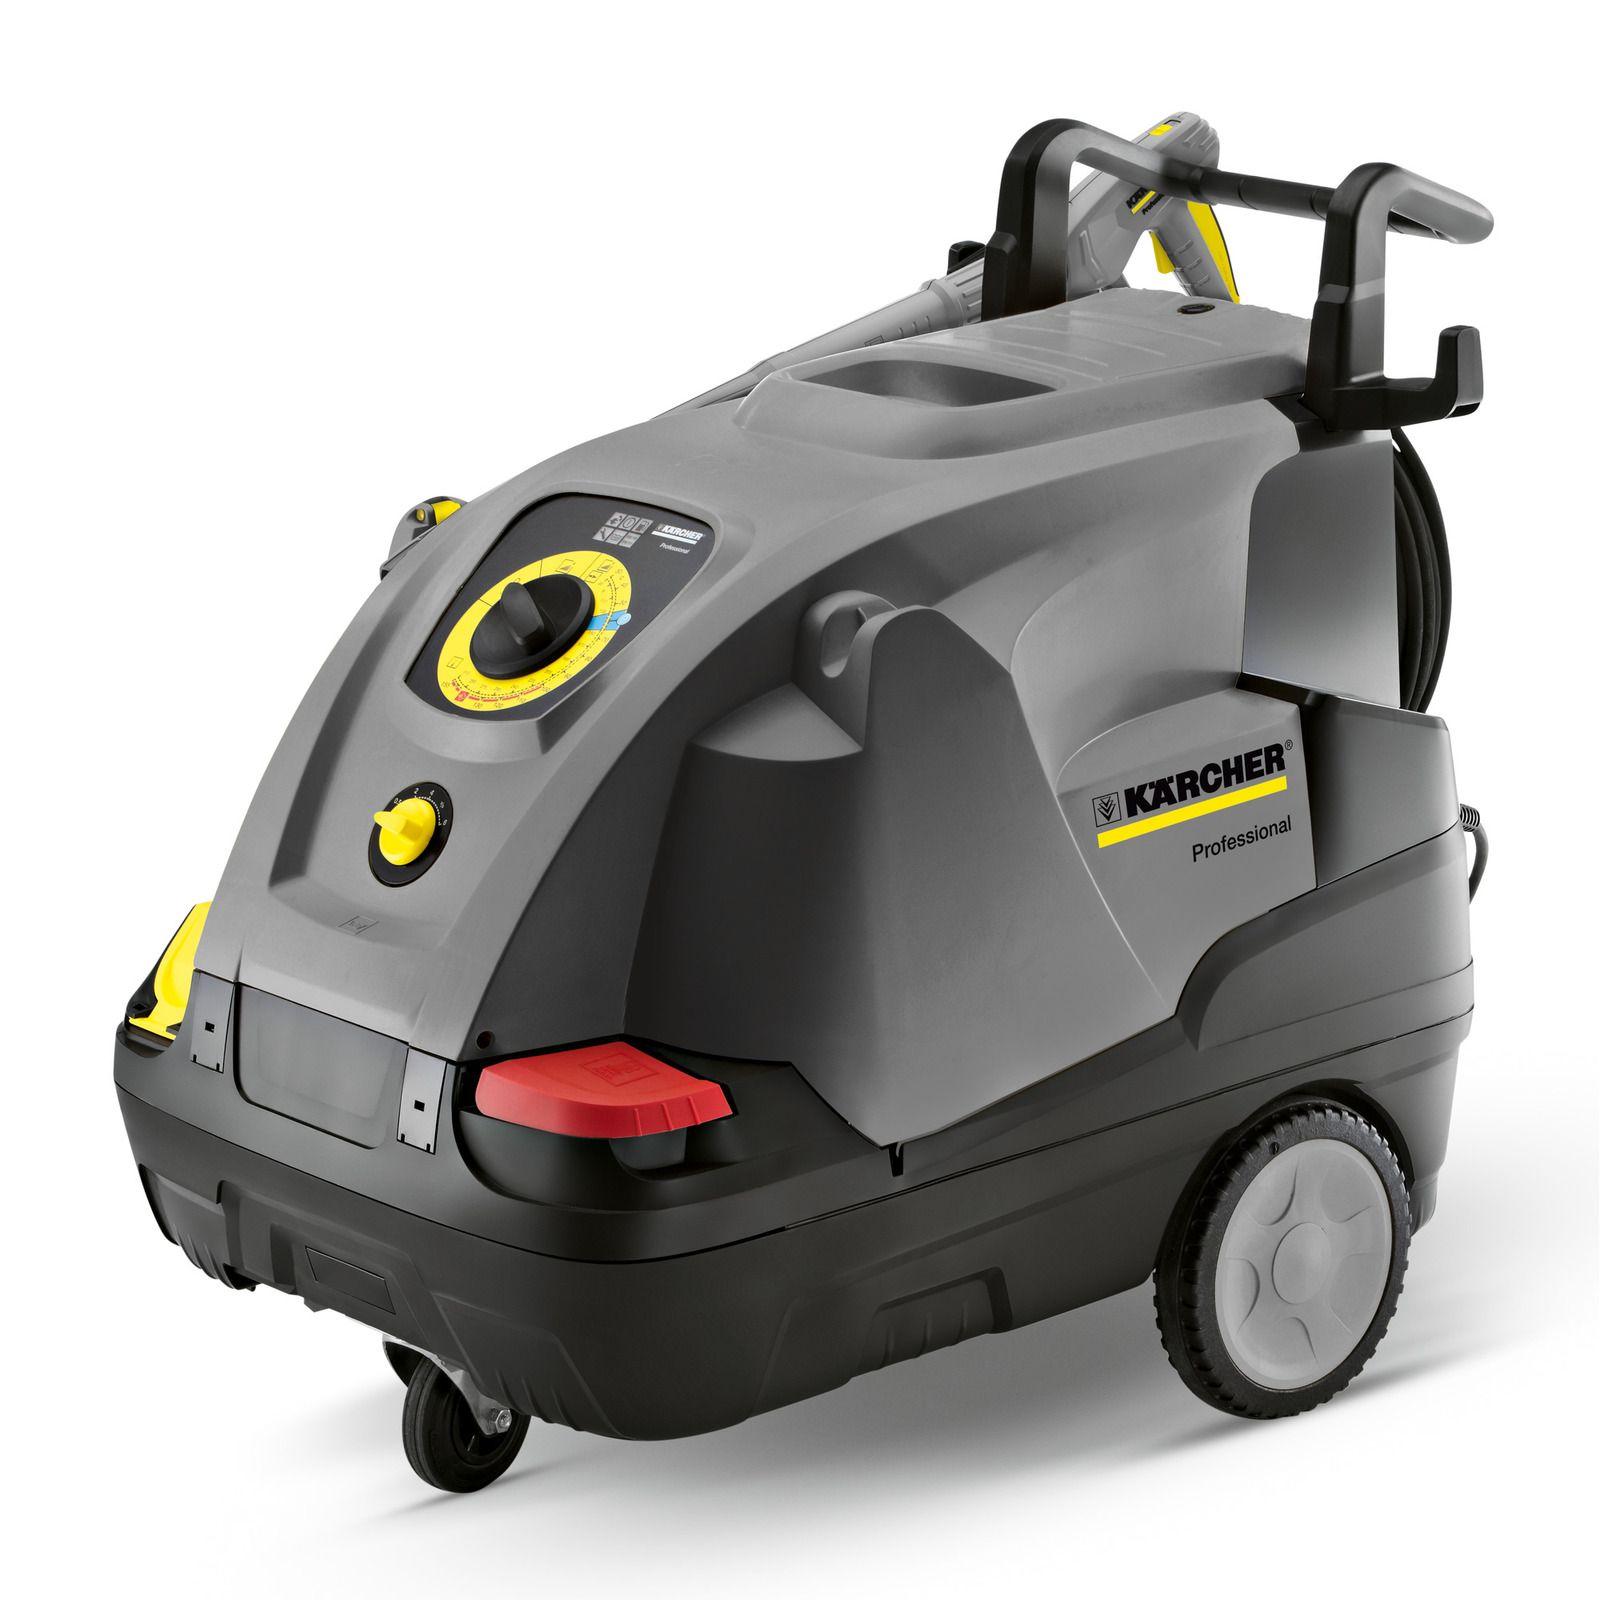 HDS 7/16 C – to nowa generacja klasy kompakt wyróżnia się doskonałą mobilnością i uproszczoną obsługą